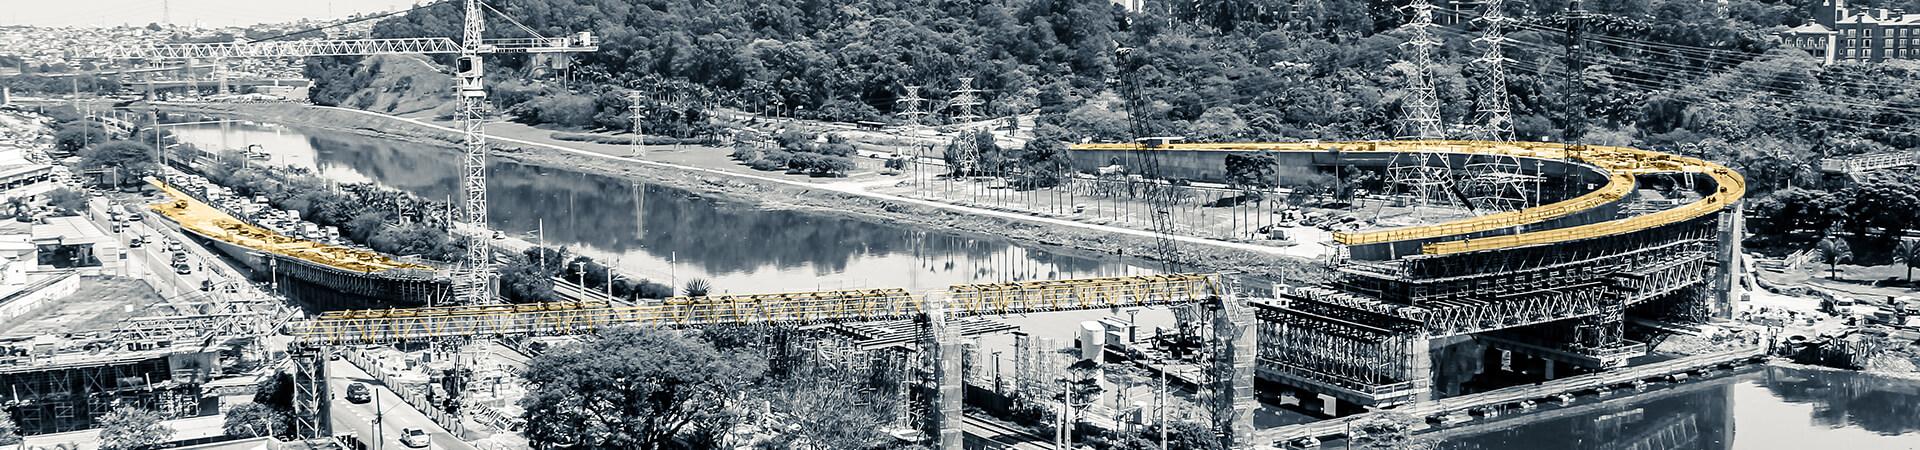 Laguna Bridge 3